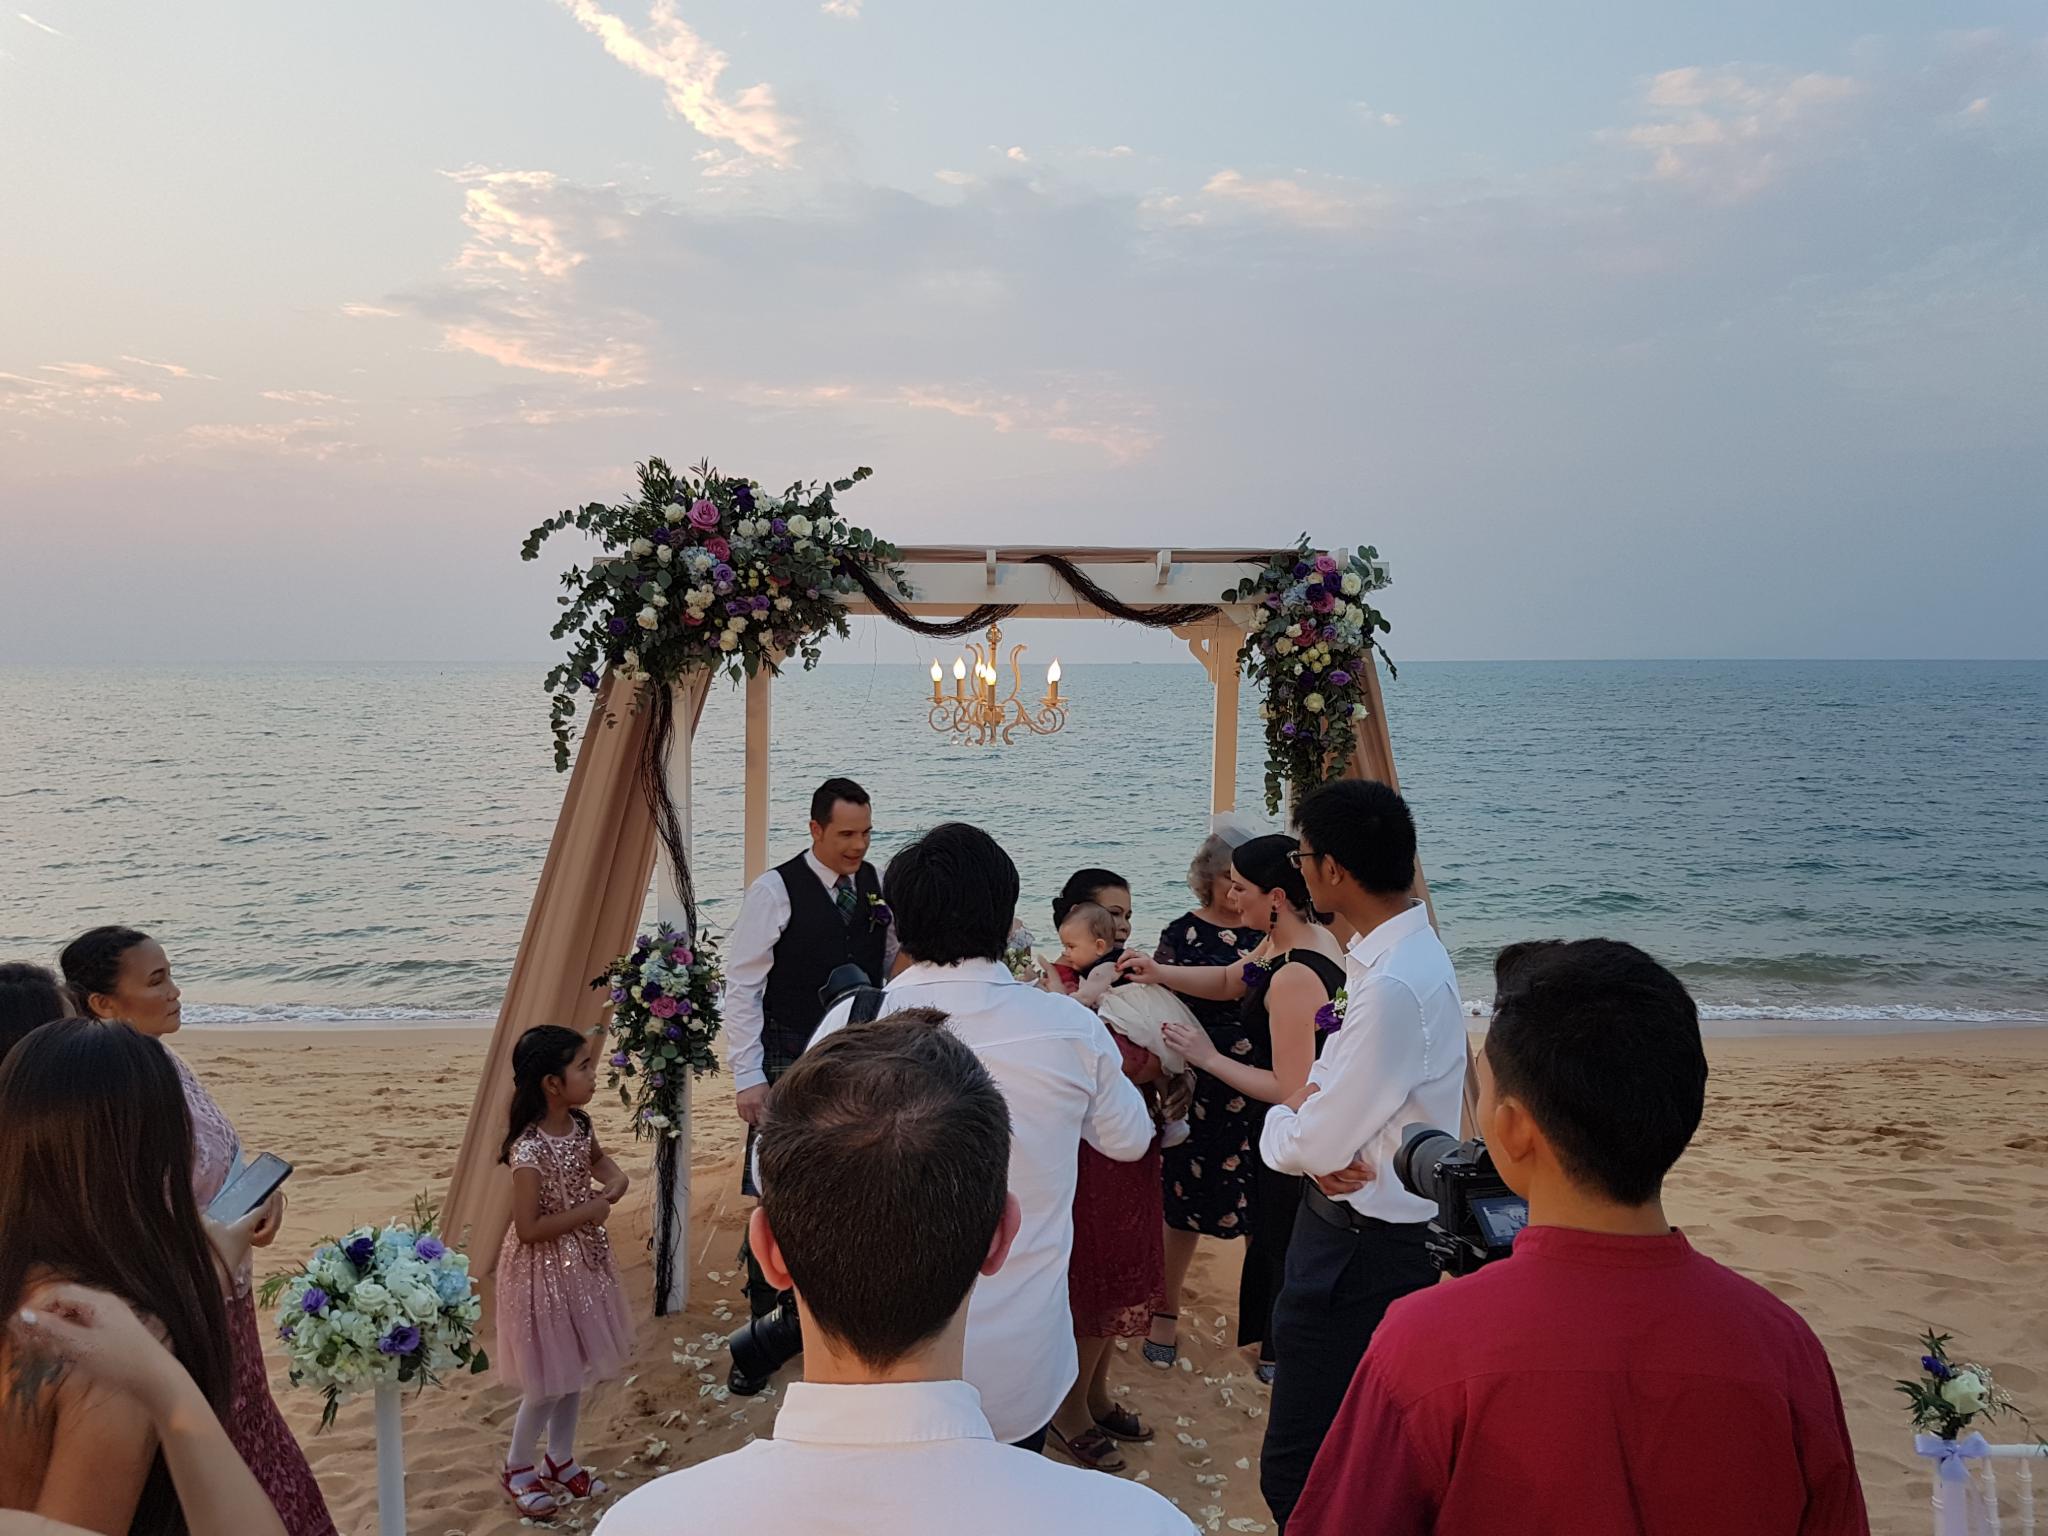 Bang Saray beach wedding & villa.-20191228_174843-jpg